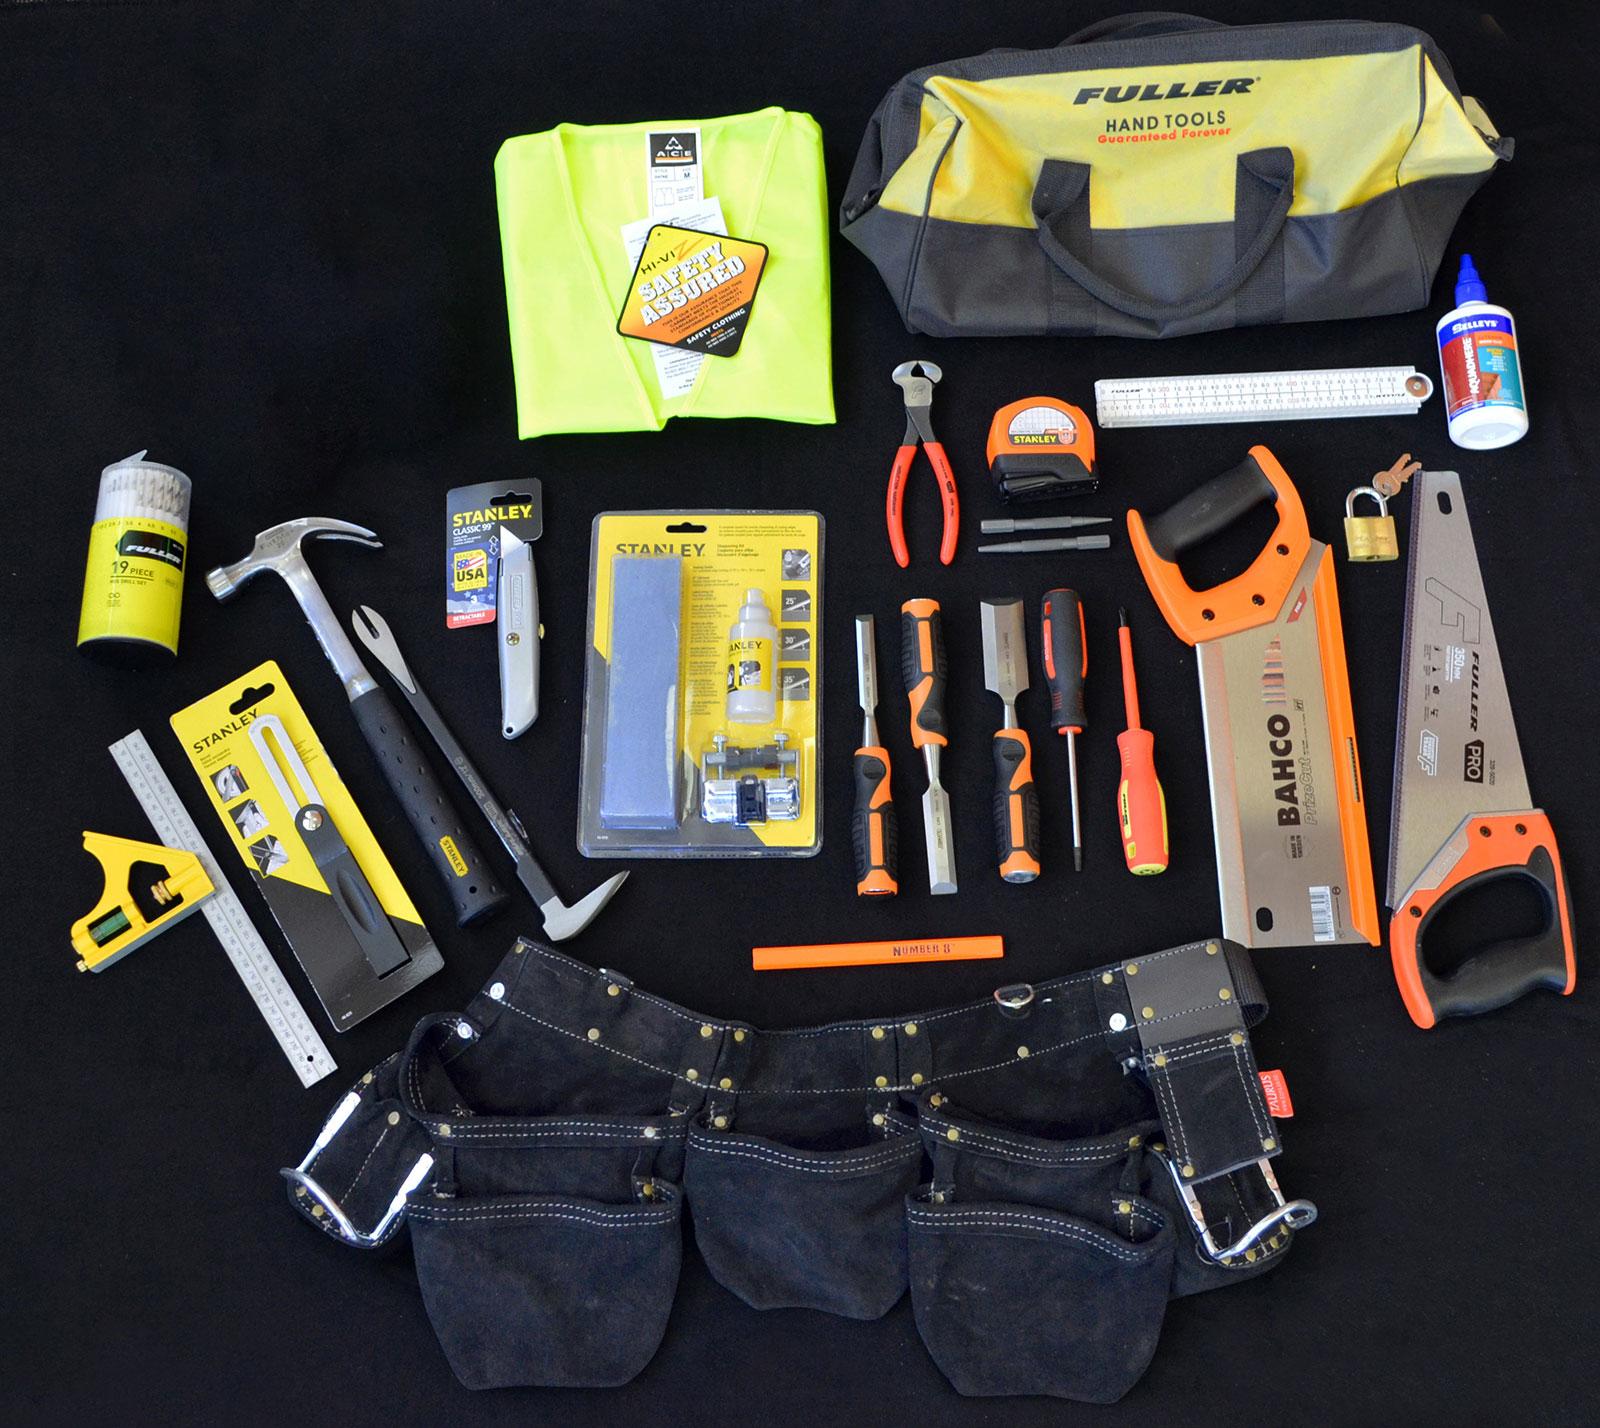 Start up tool kit